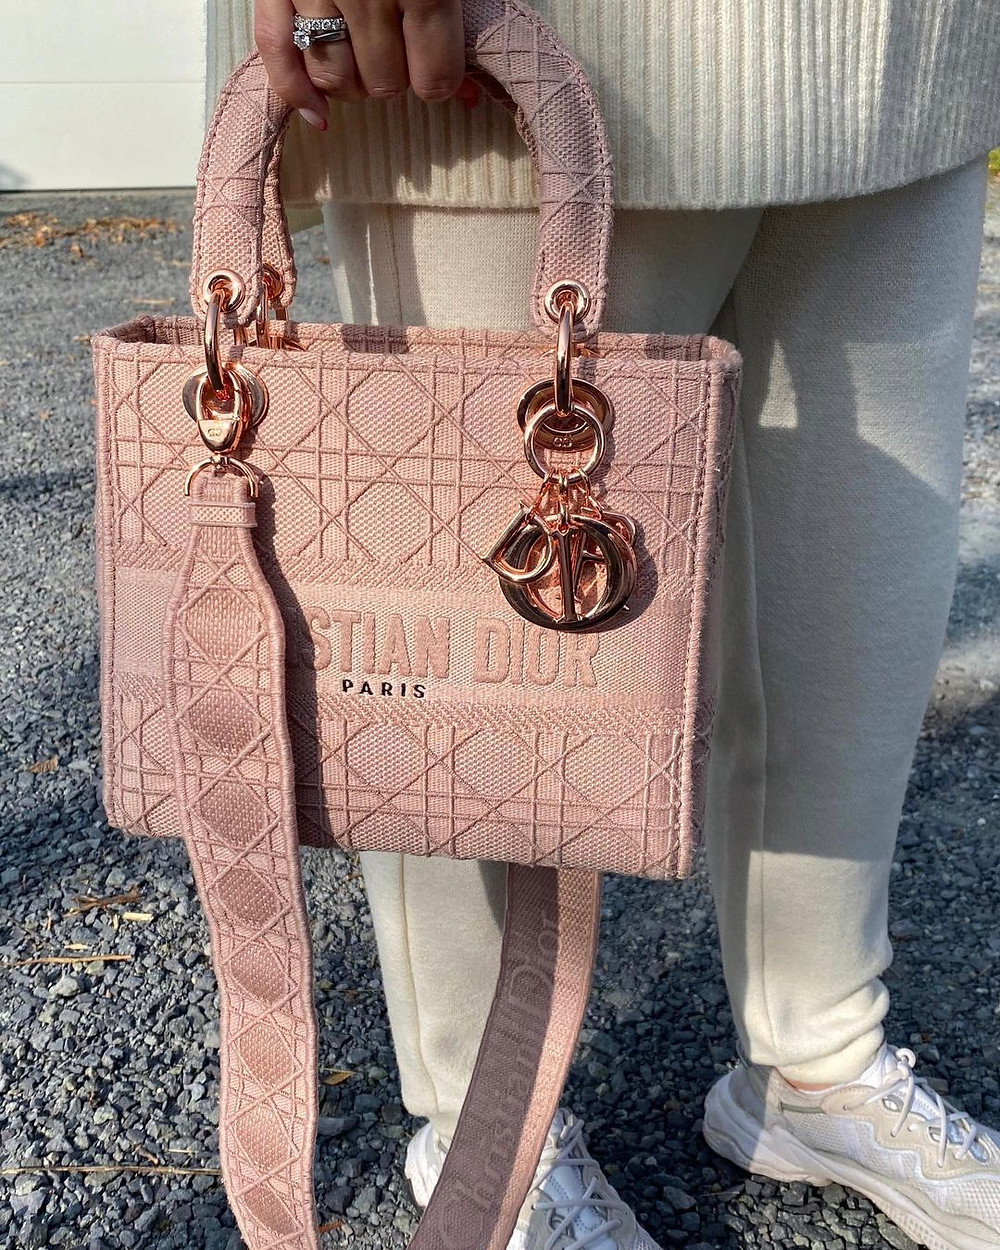 Dior Women's Bag Reviews